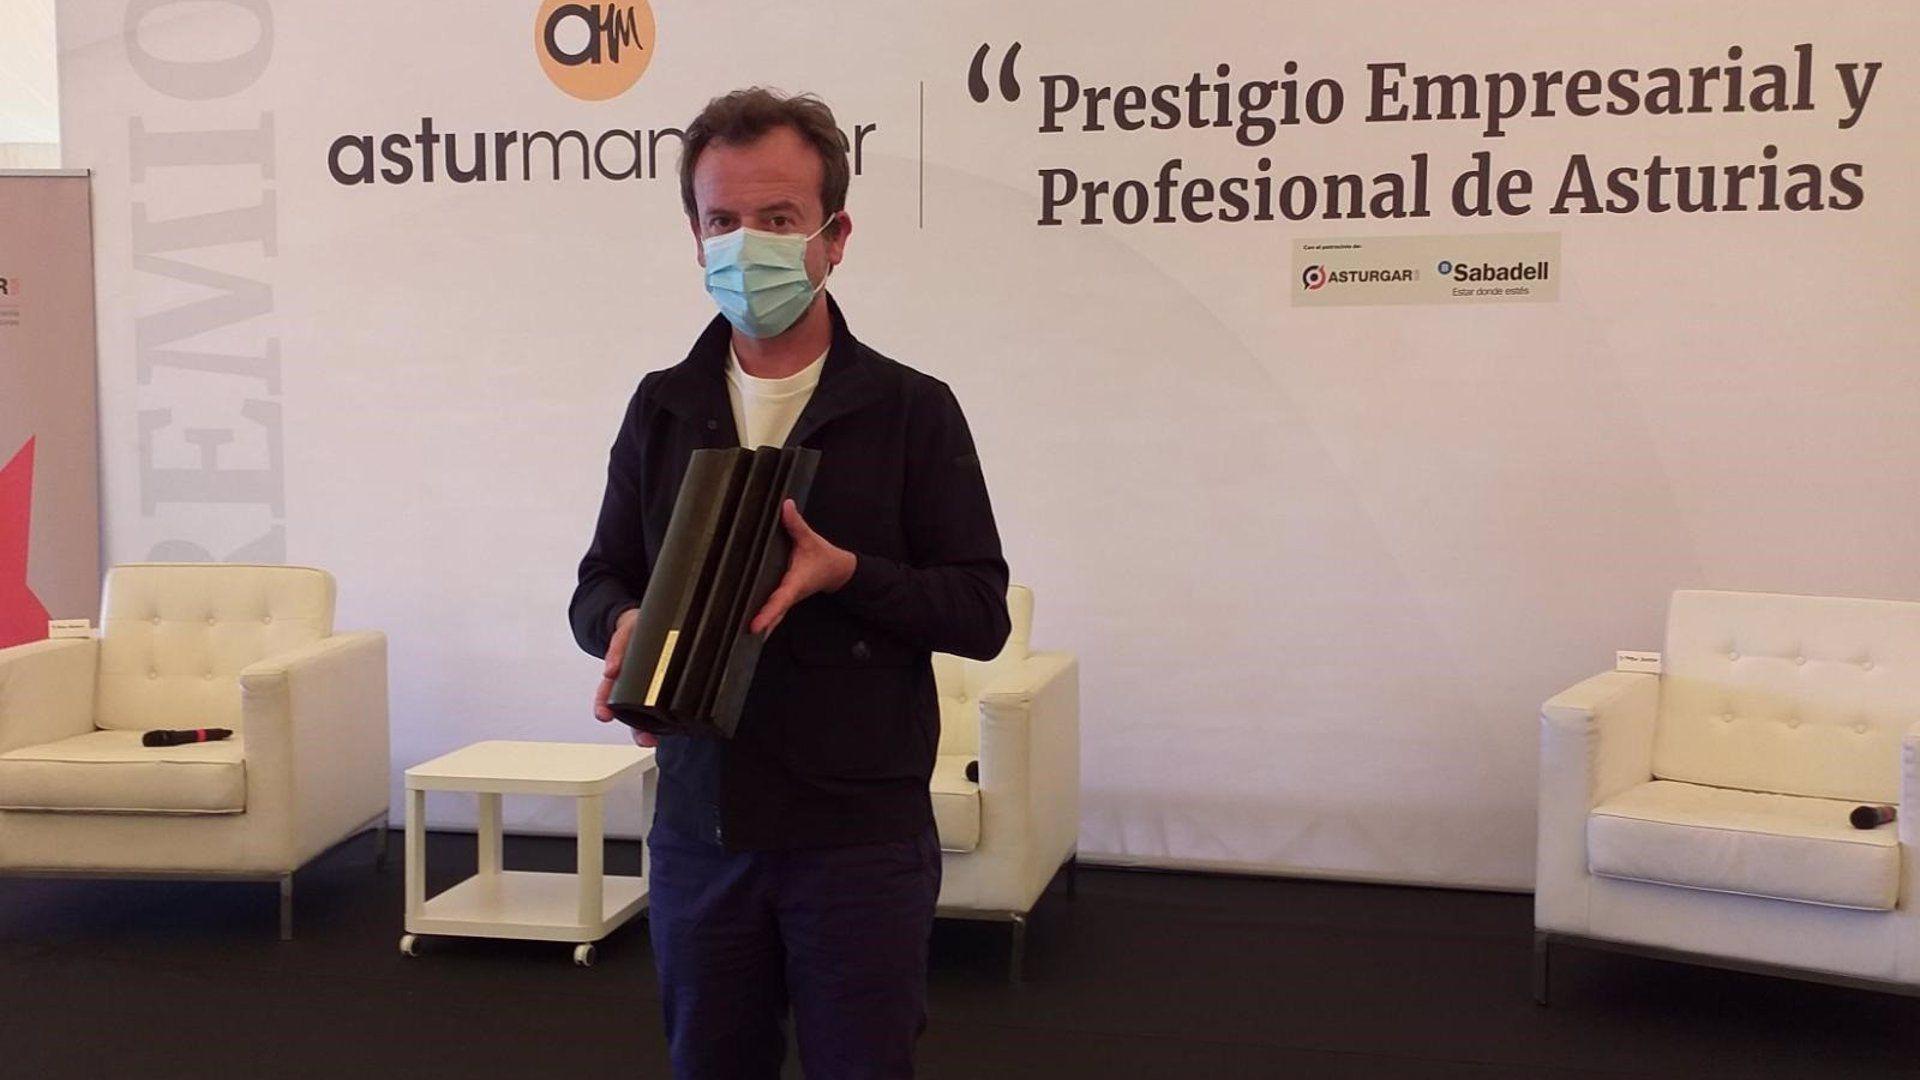 Nacho Manzano, chef asturiano con dos estrellas Michelin, recibe el galardón Asturmanager, en Gijón